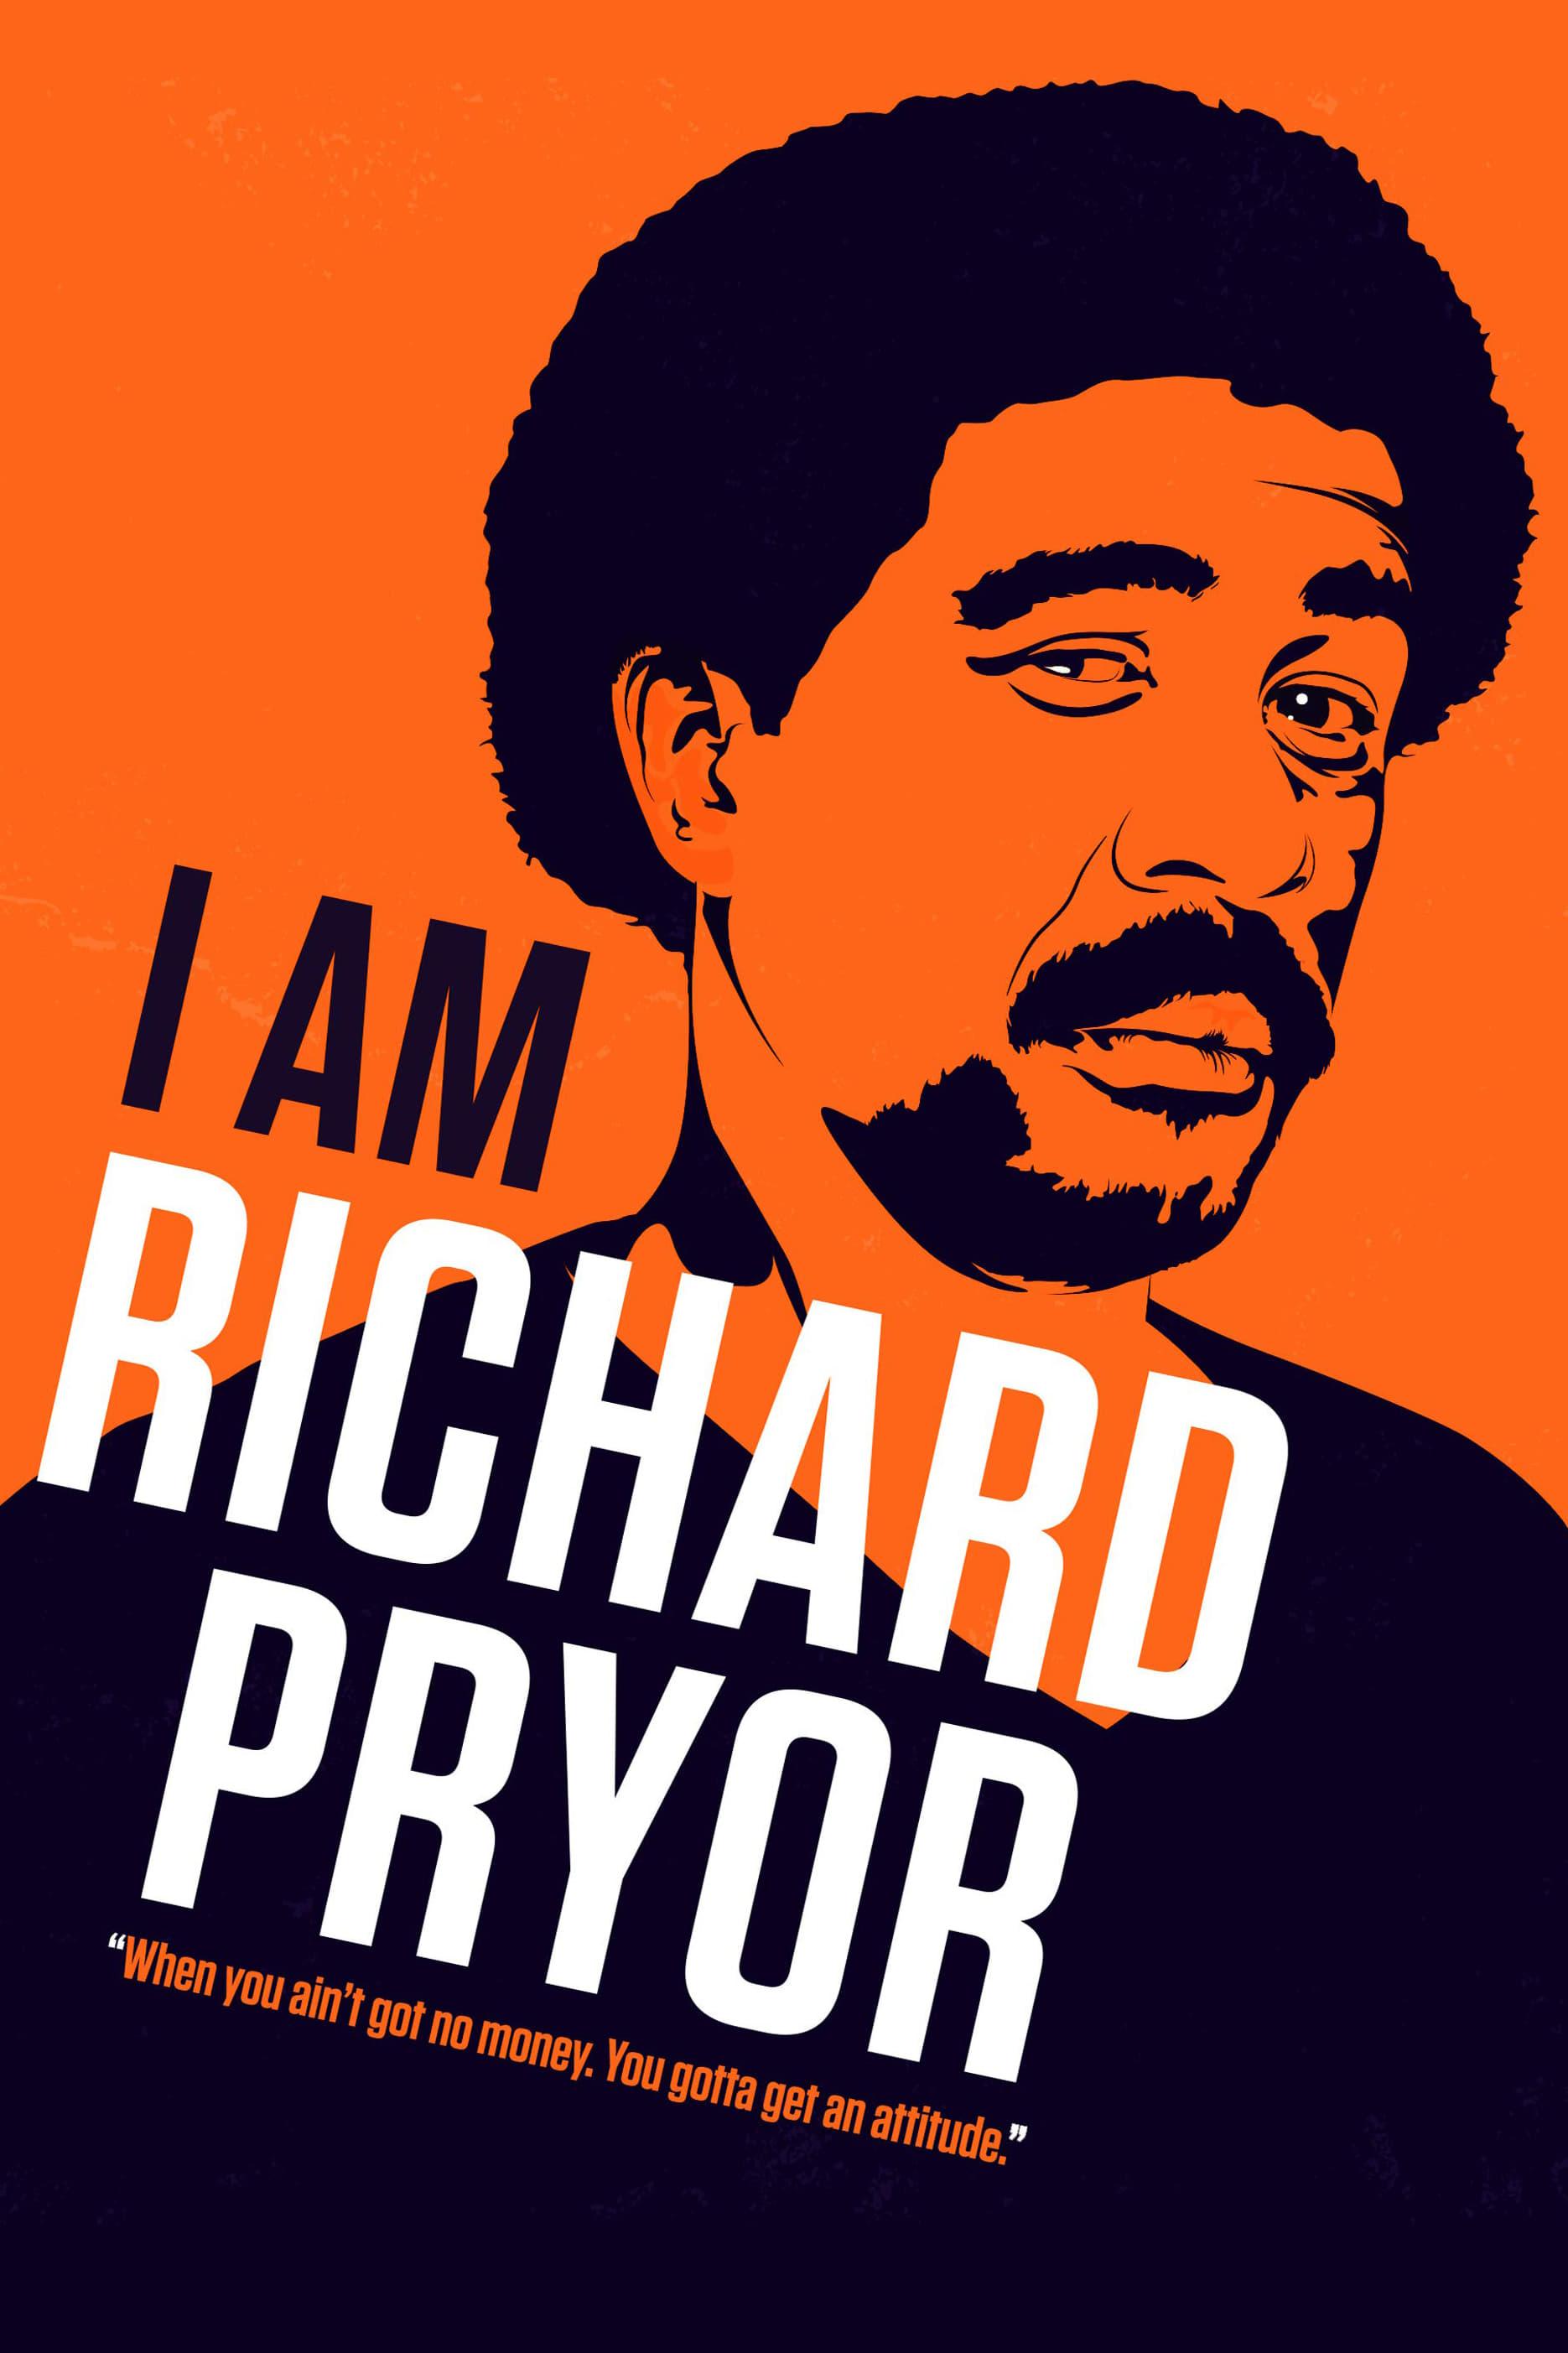 I Am Richard Pryor (2019)